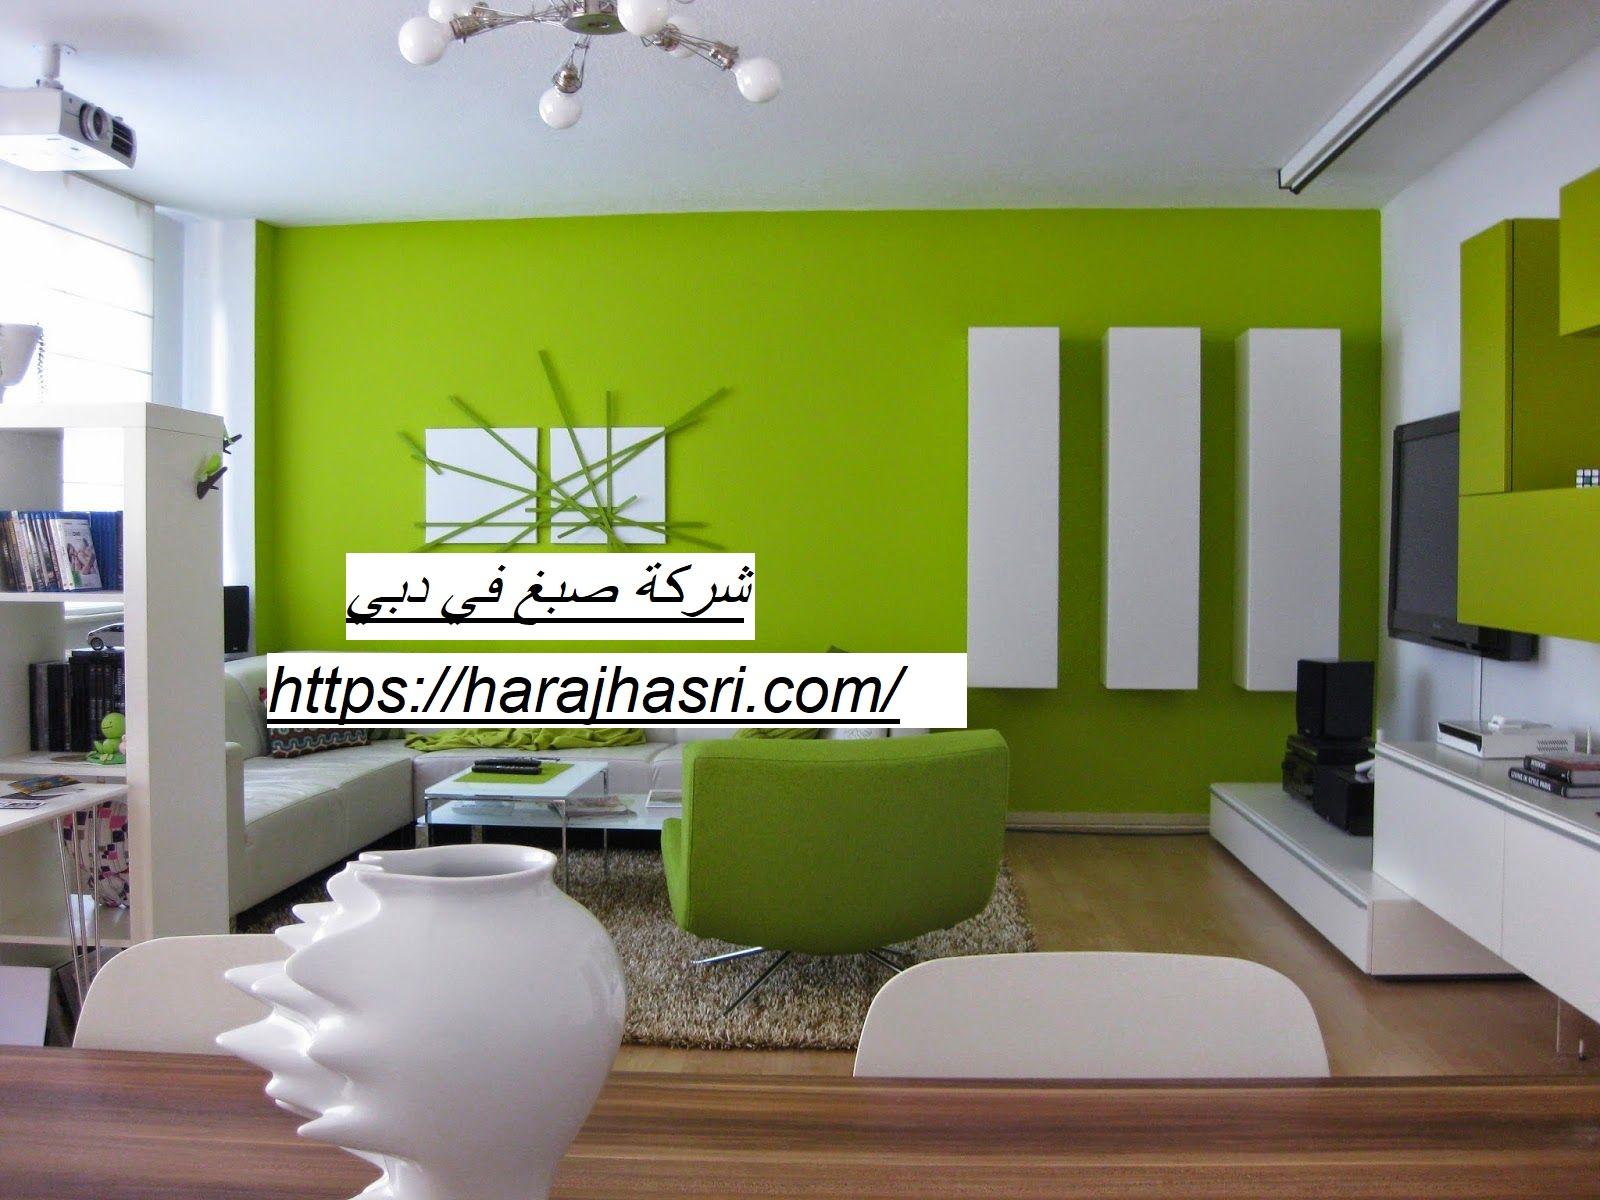 شركة صبغ في دبي